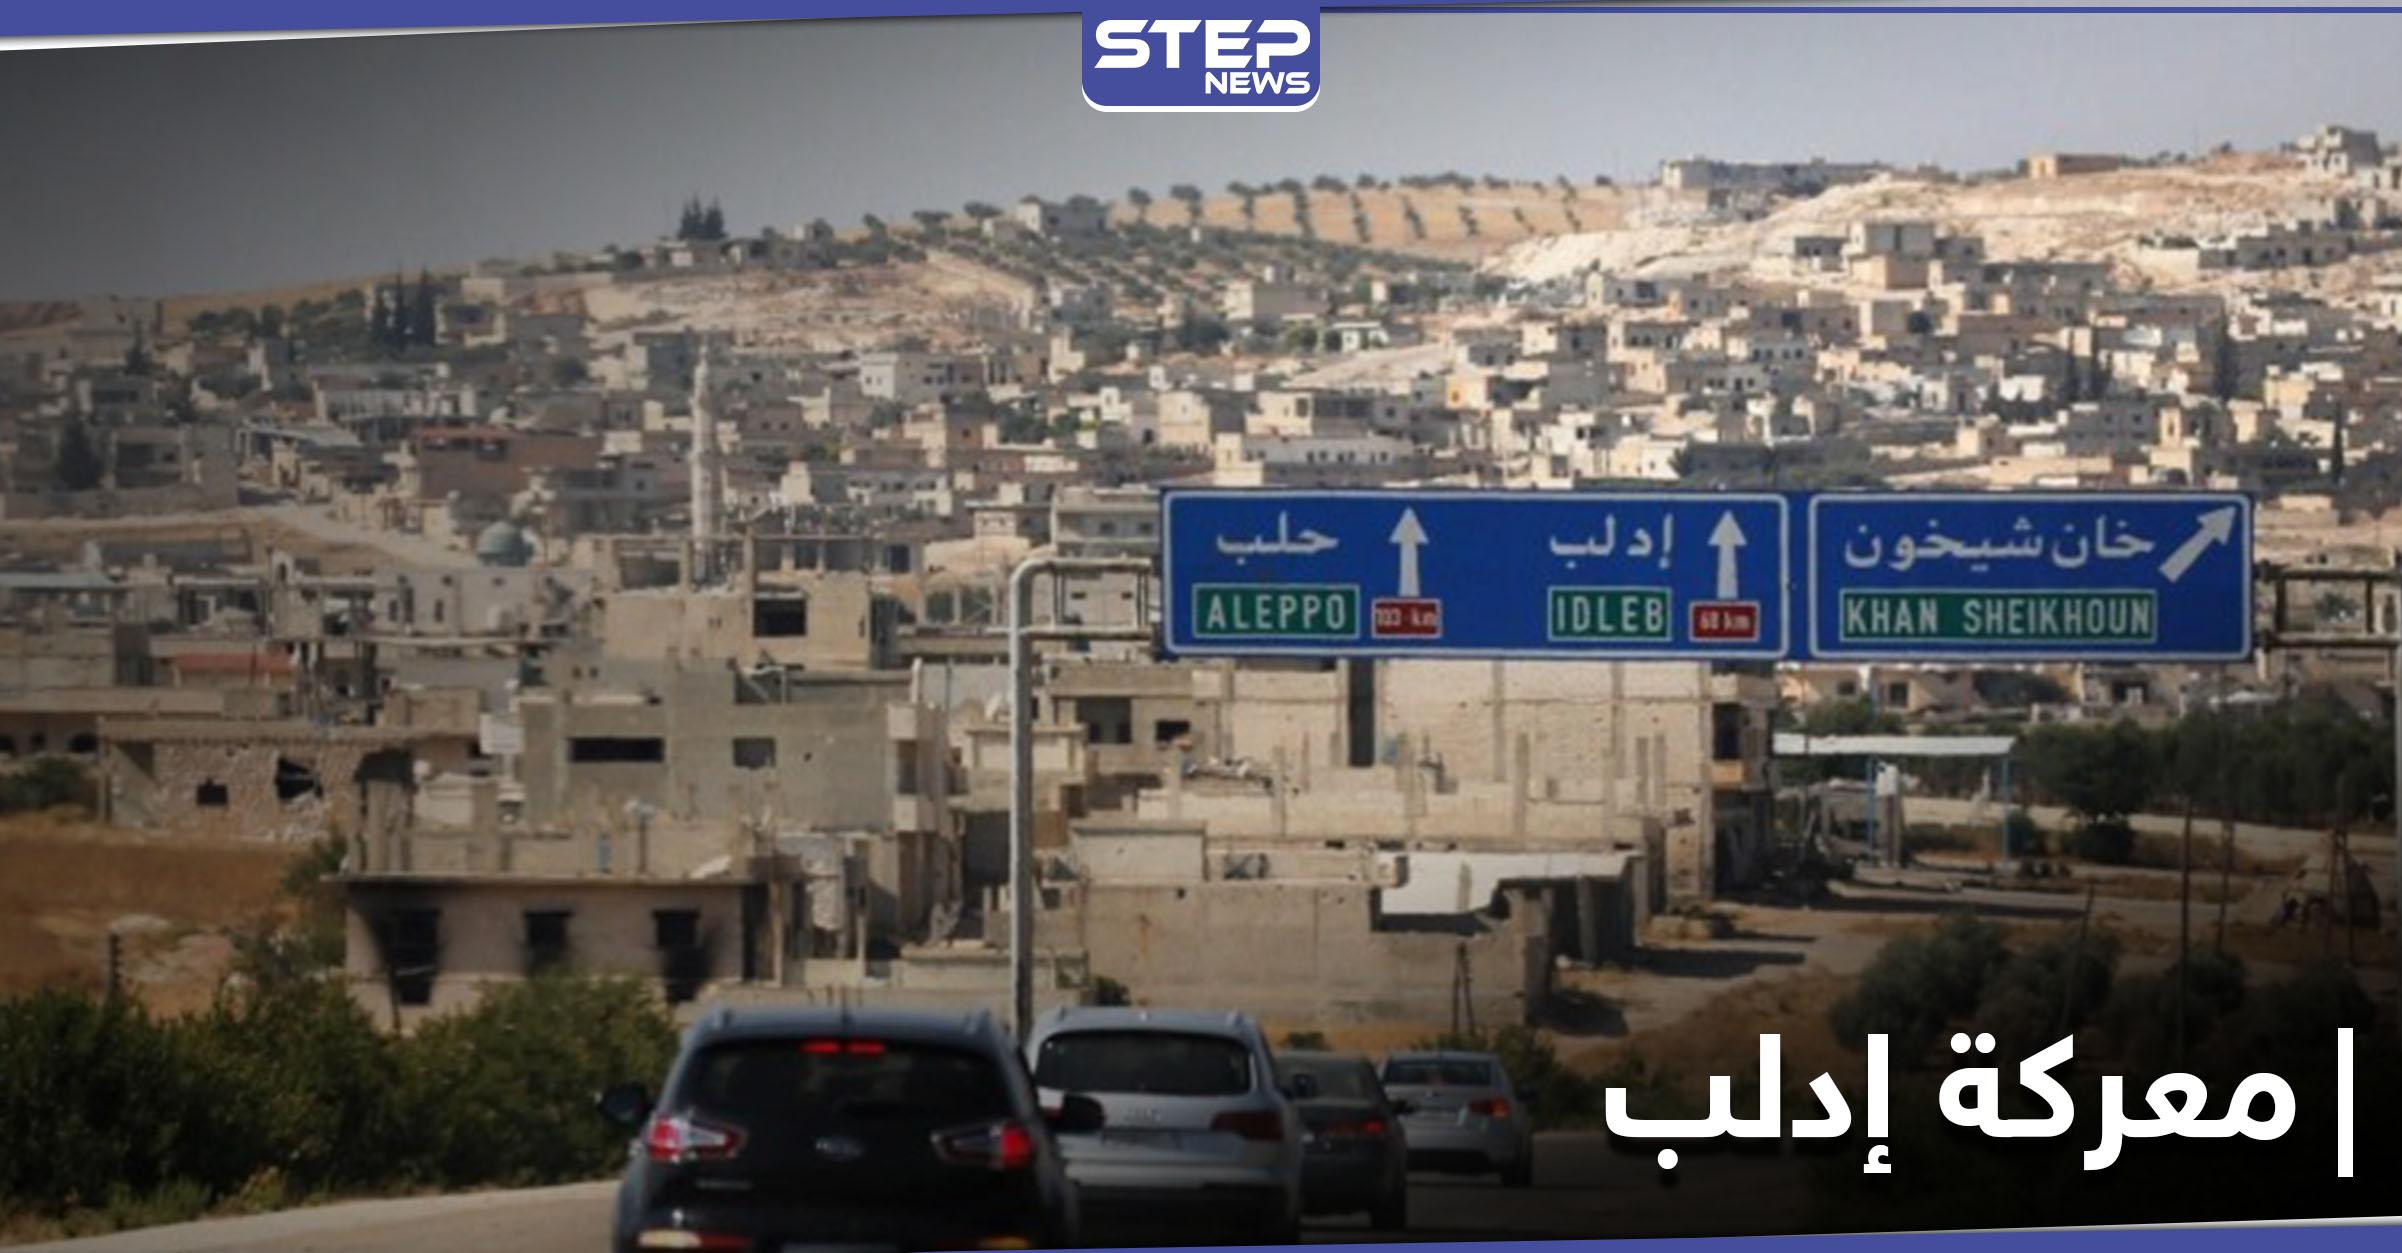 معركة إدلب ستكون مفاجئة للنظام السوري وستقلب الطاولة عليه